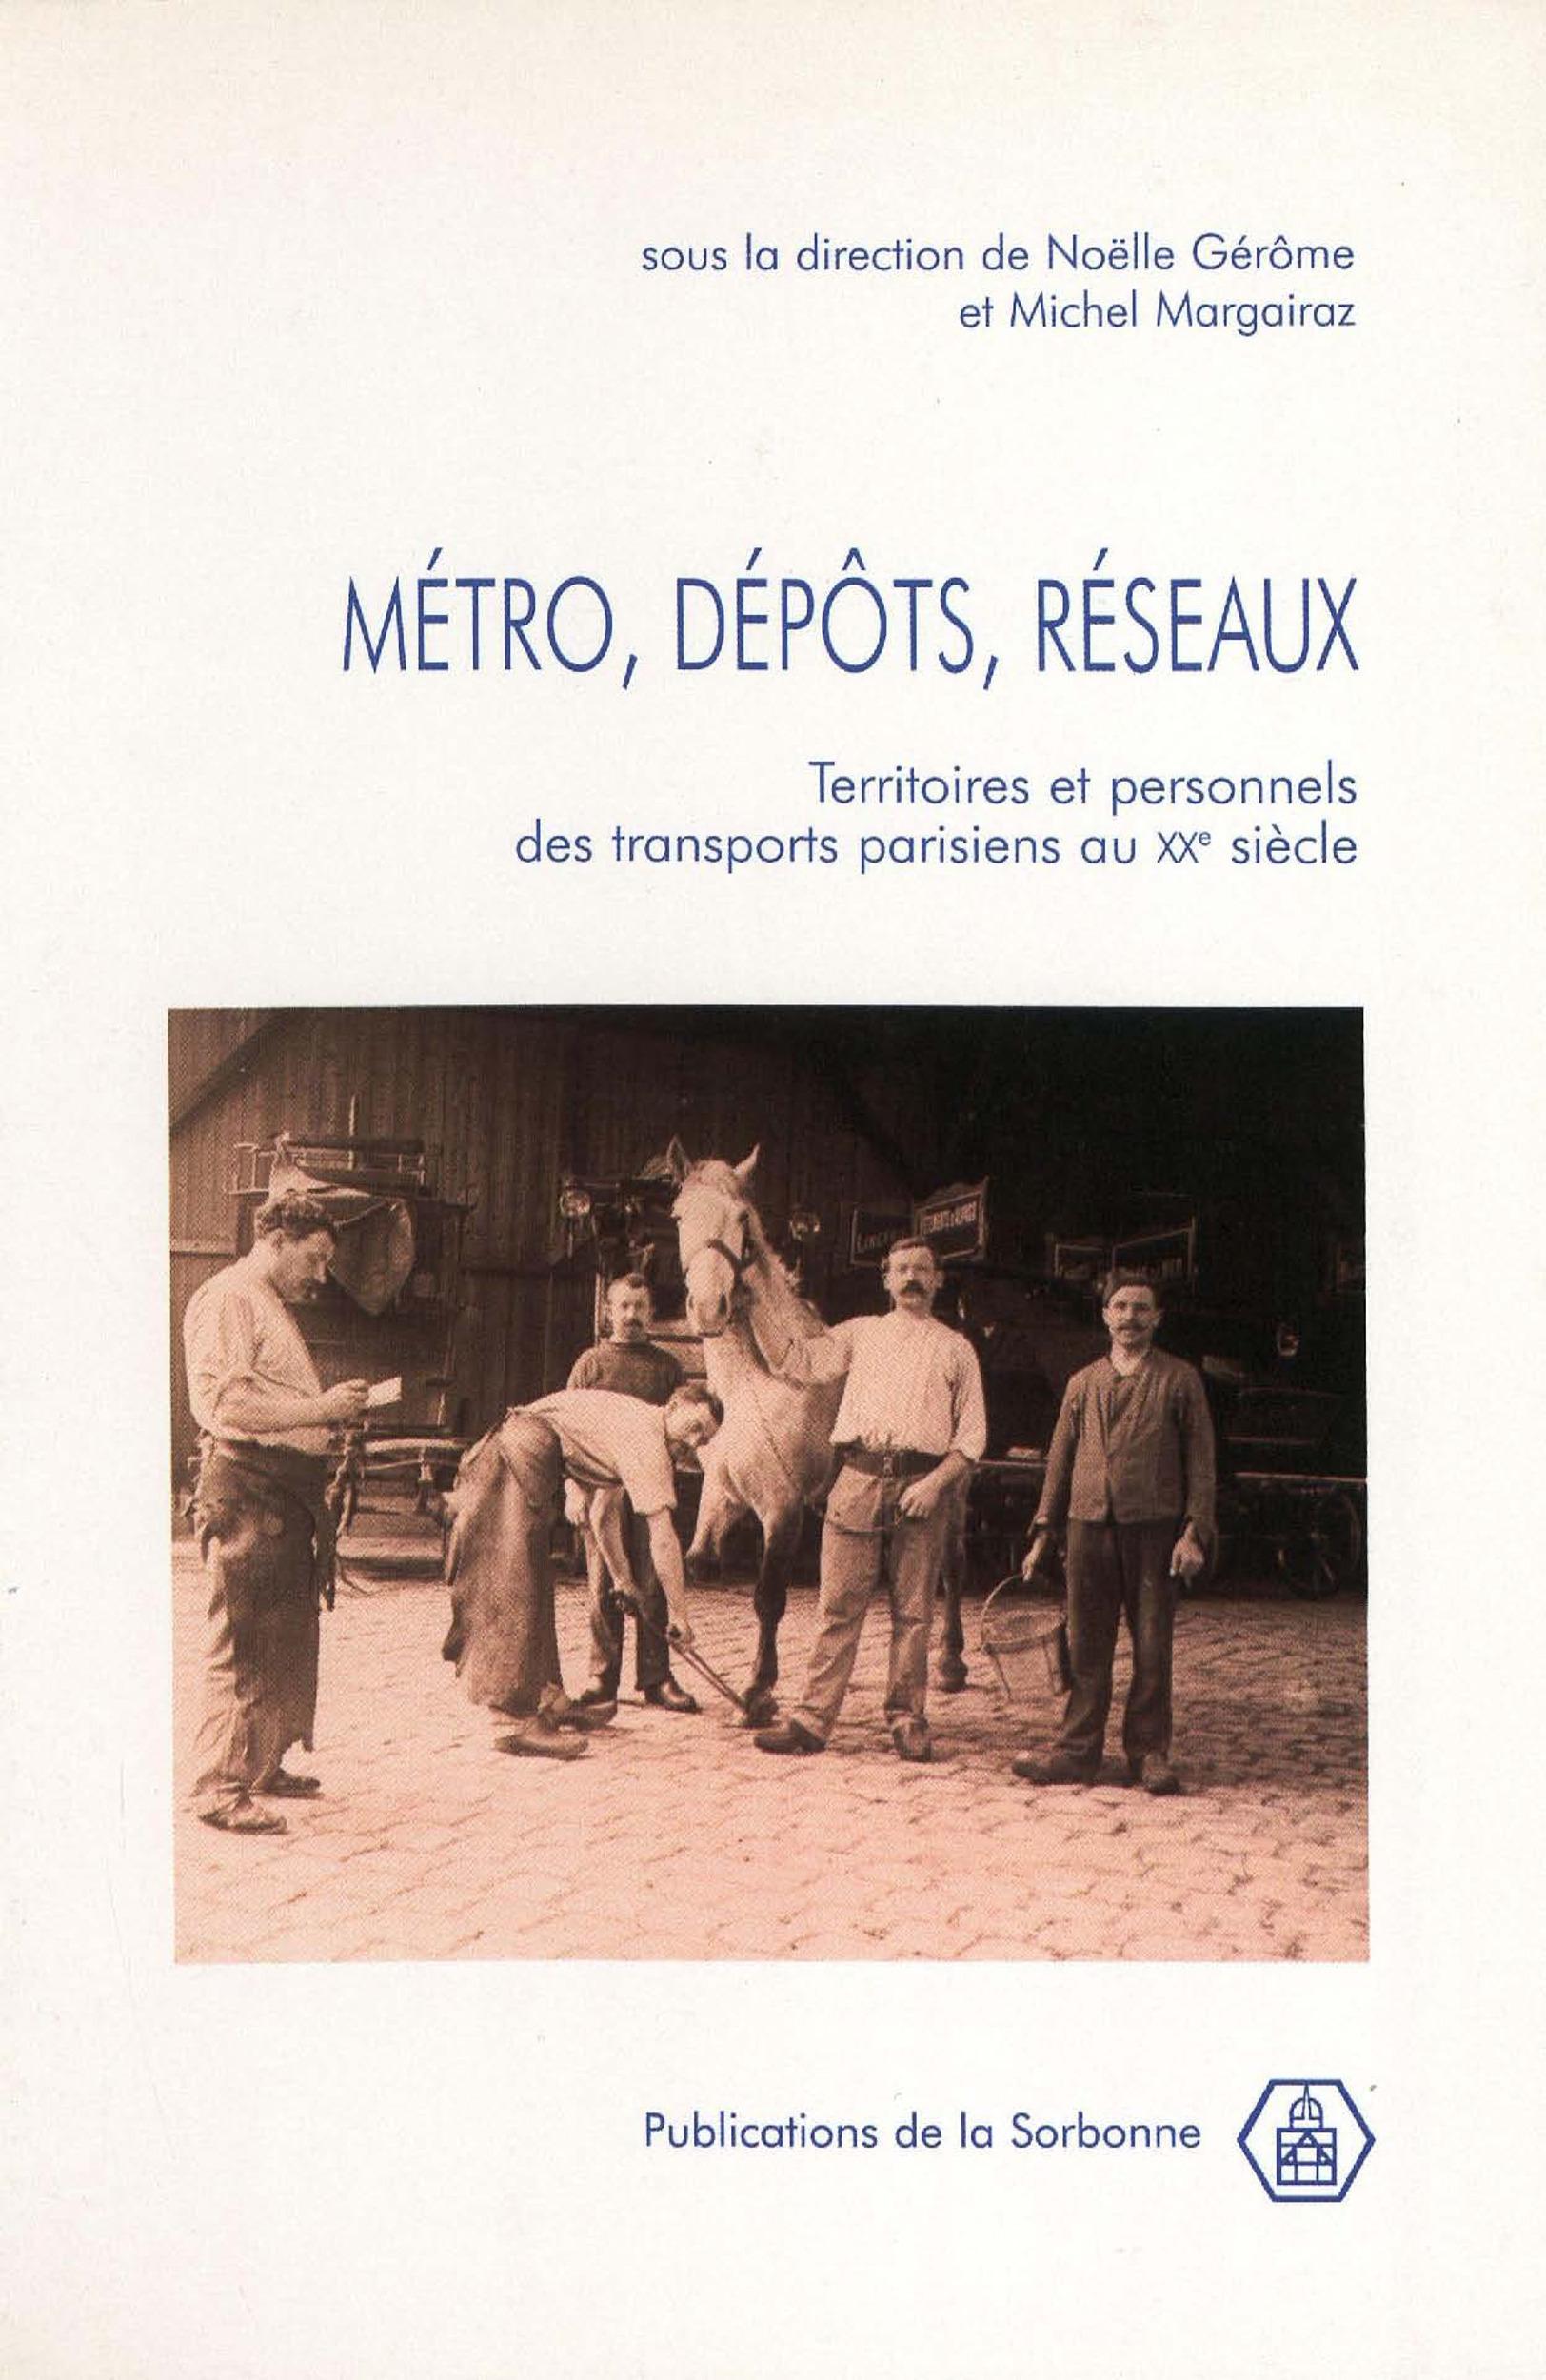 Metro, depots, reseaux - territoires et personnels des transports parisiens au xxeme siecle